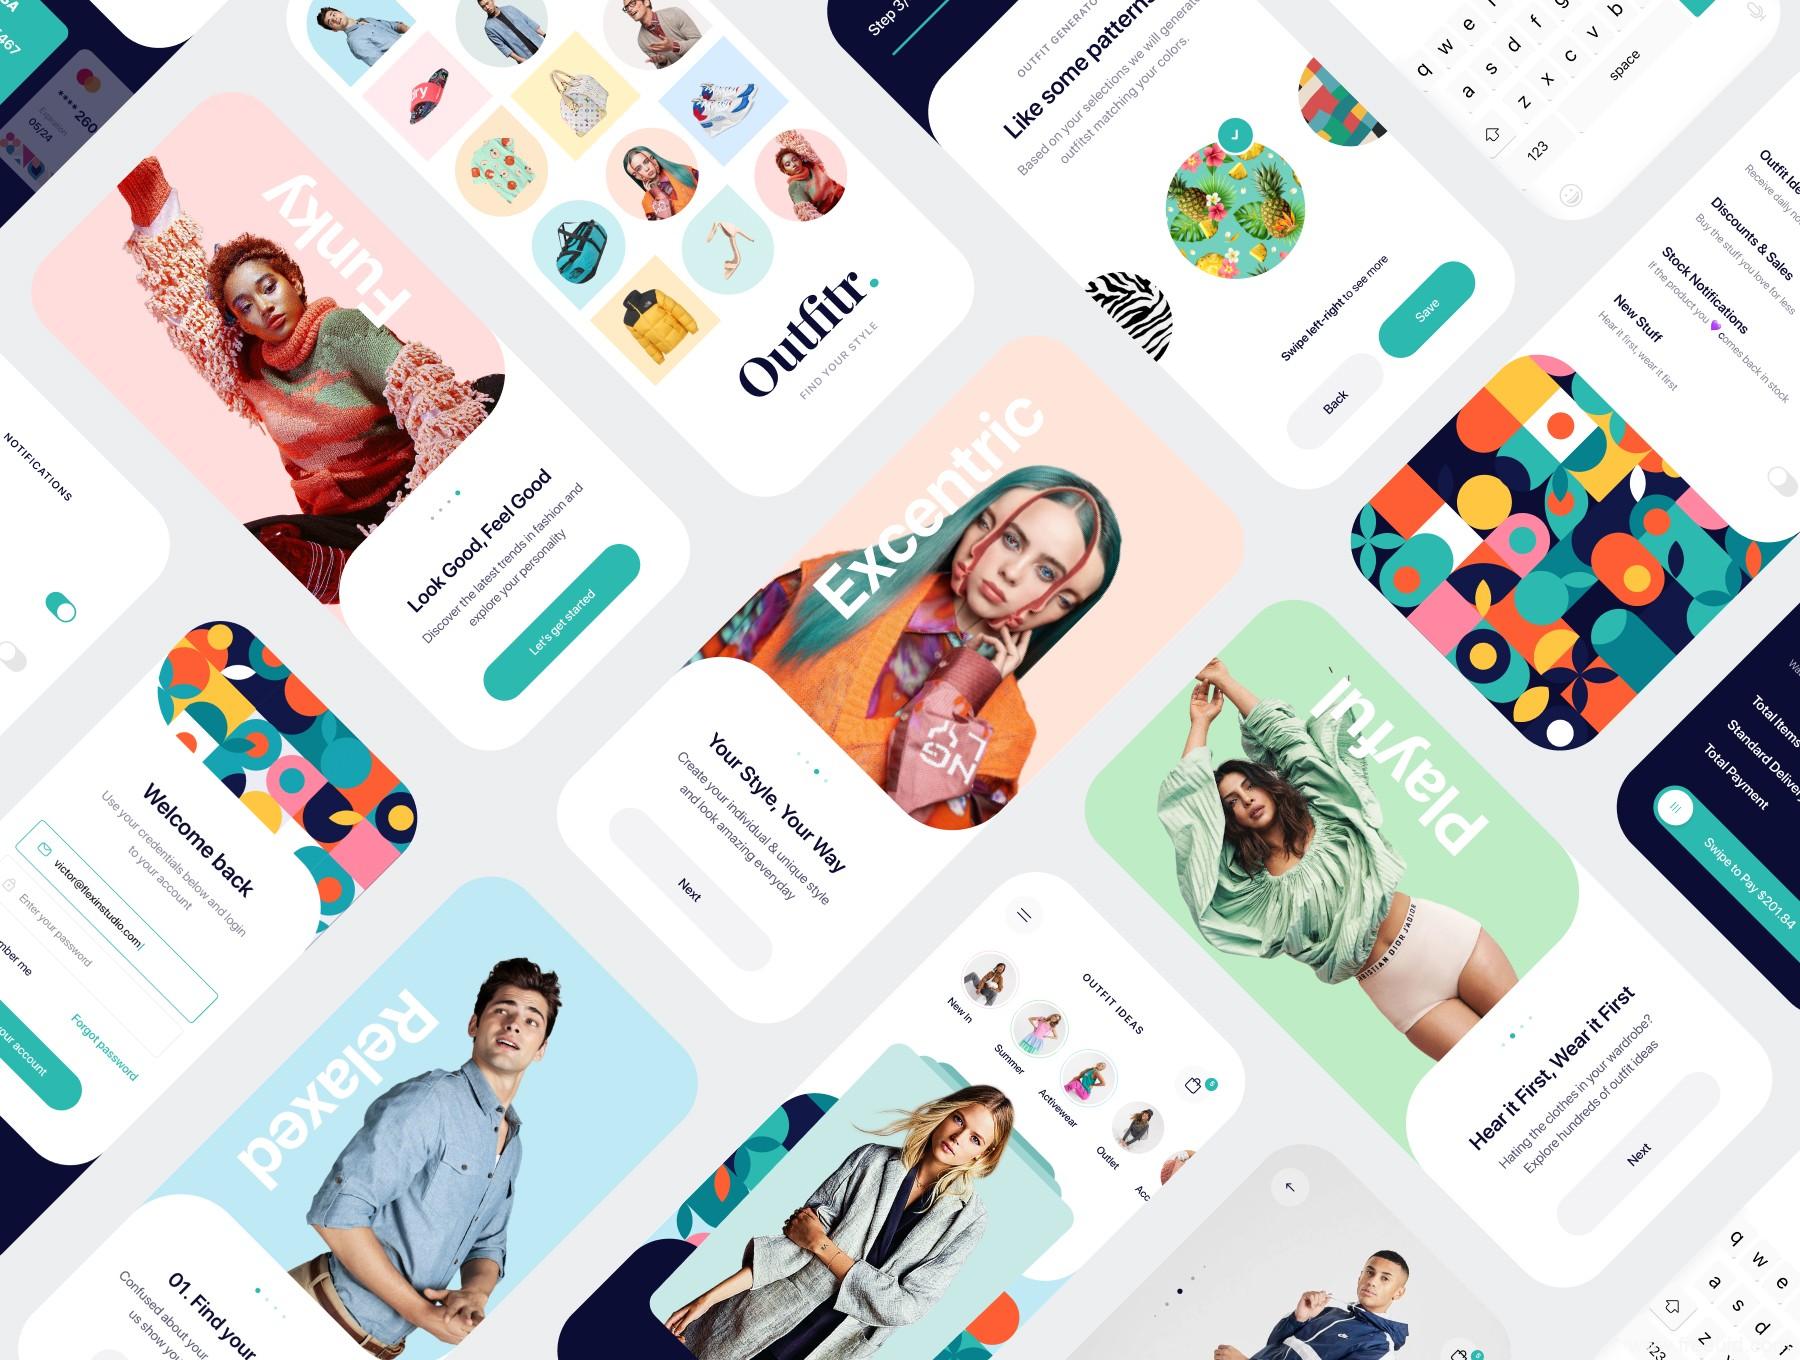 个性设计师app UI源文件,个性风格图片社交app UI素材源文件下载